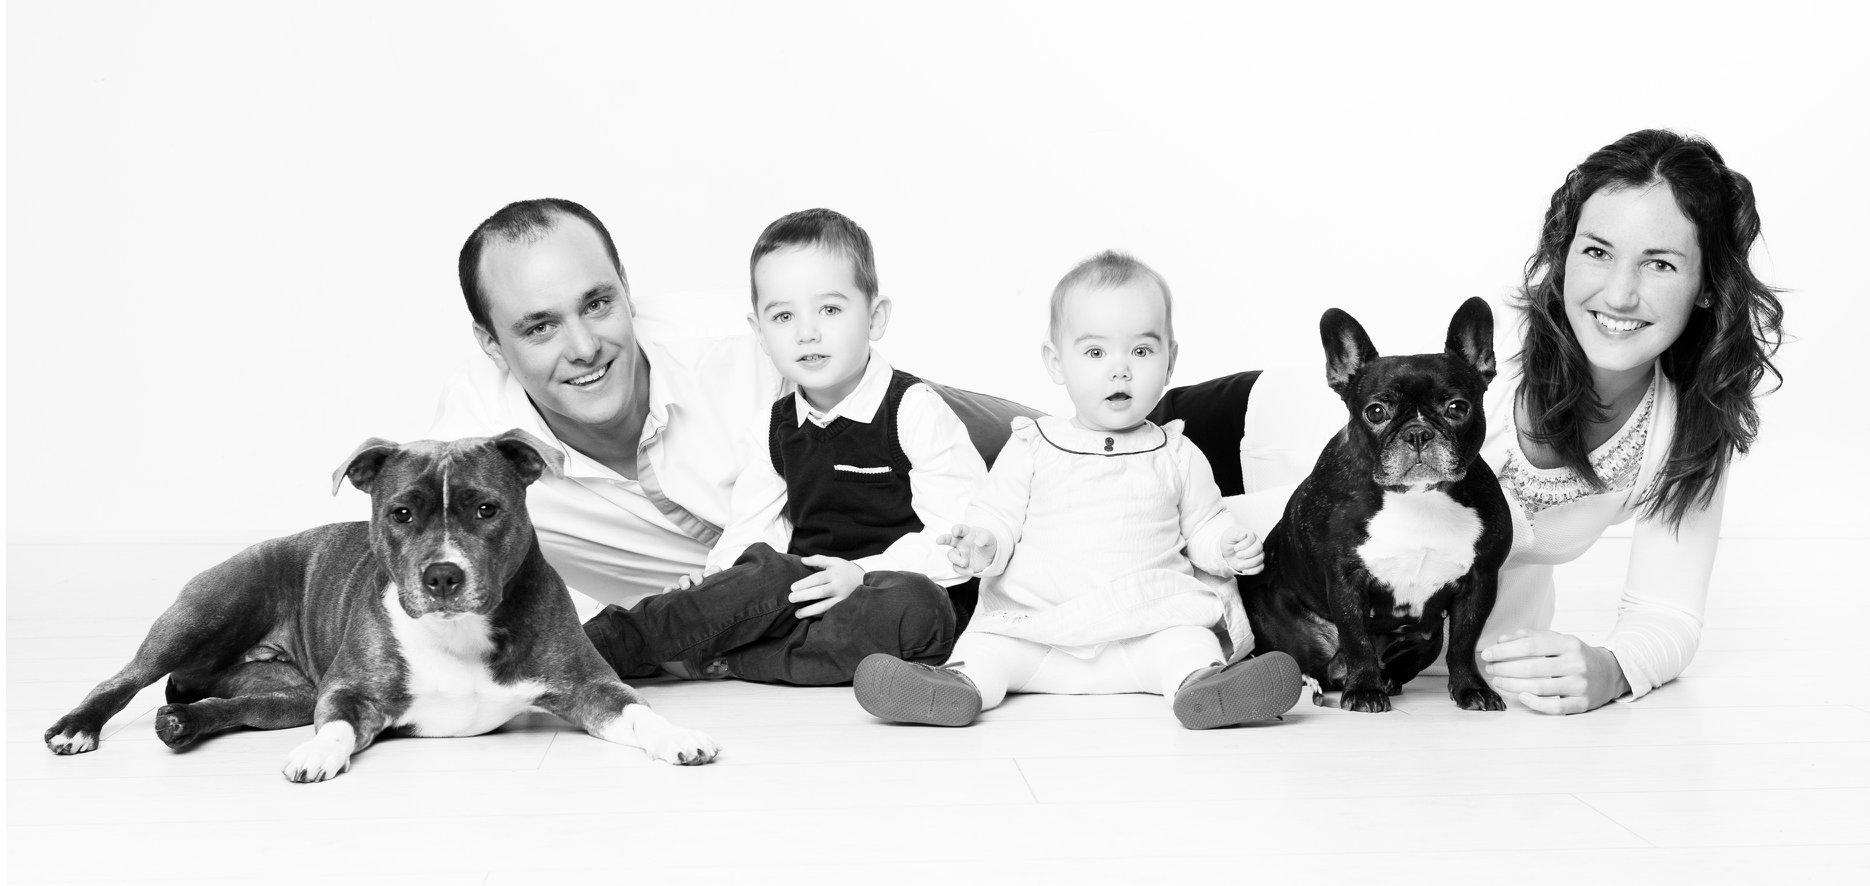 séance photo de famille; parents enfants et animaux de compagnie en studio dans l'oise